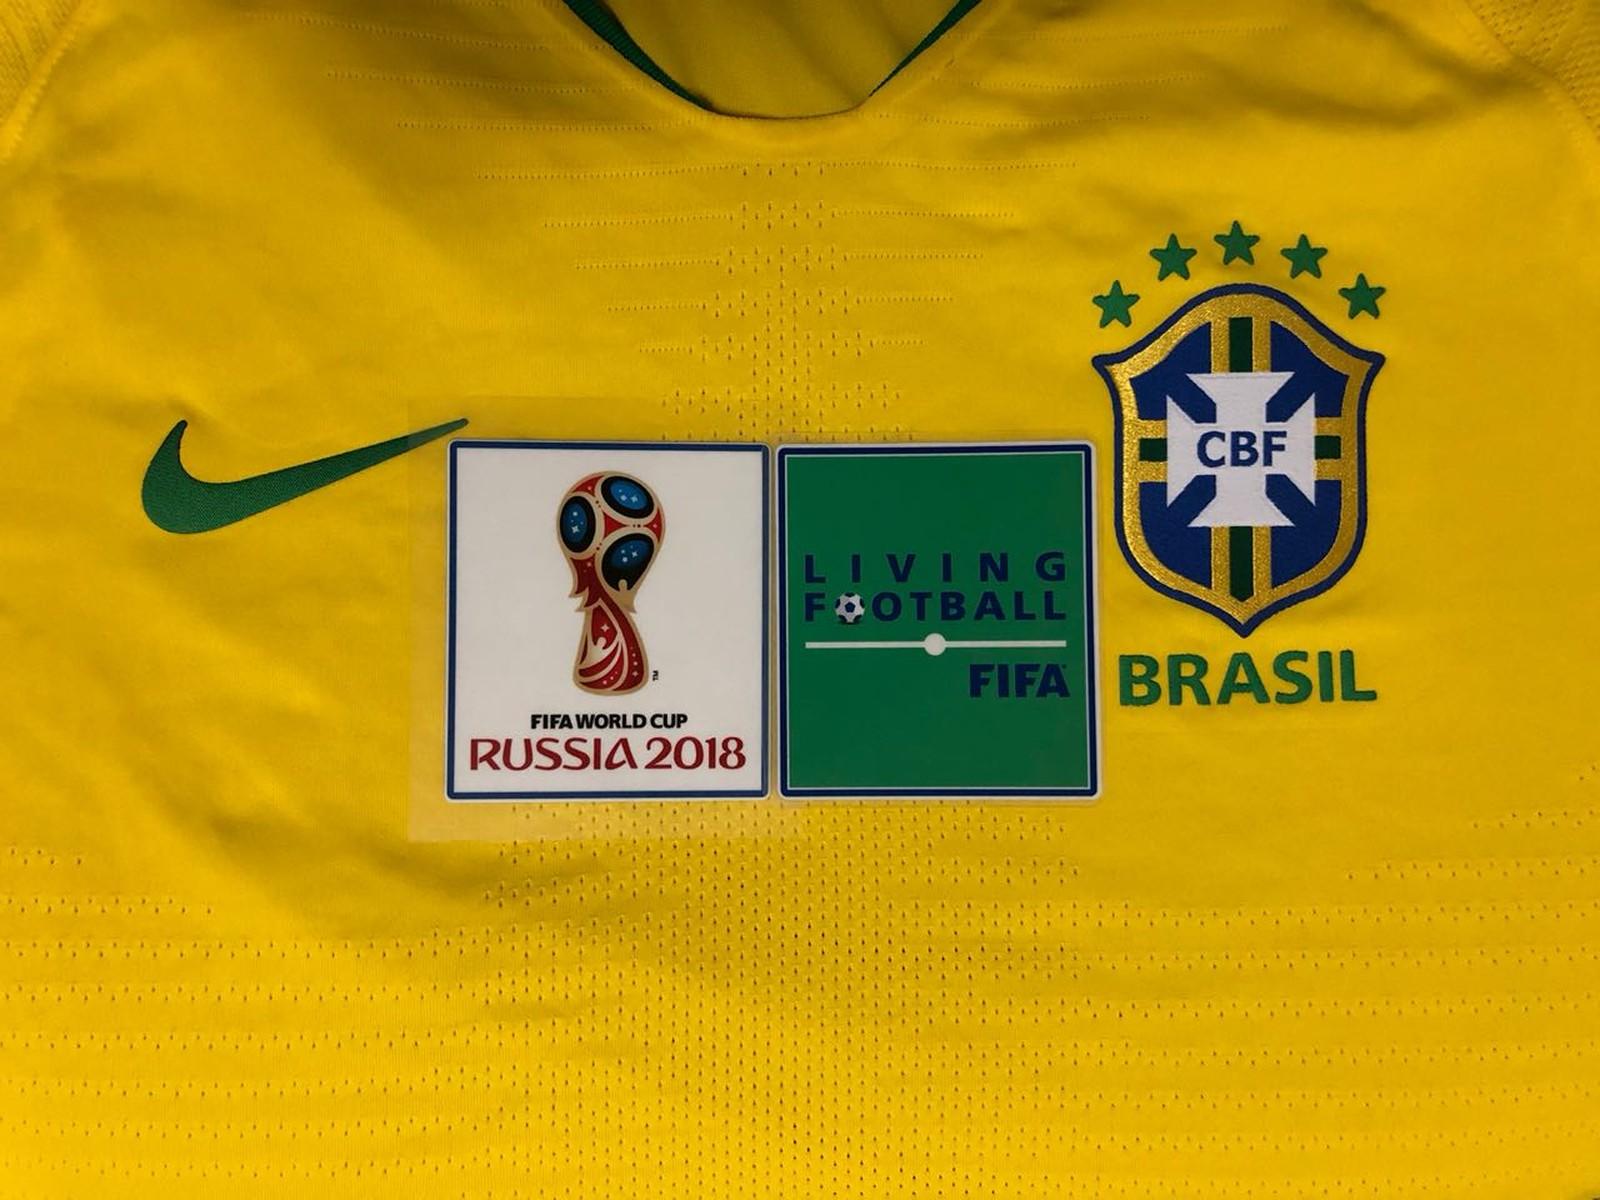 af20986db9 Seleção Brasileira recebe os patchs para as camisas da Copa do Mundo ...